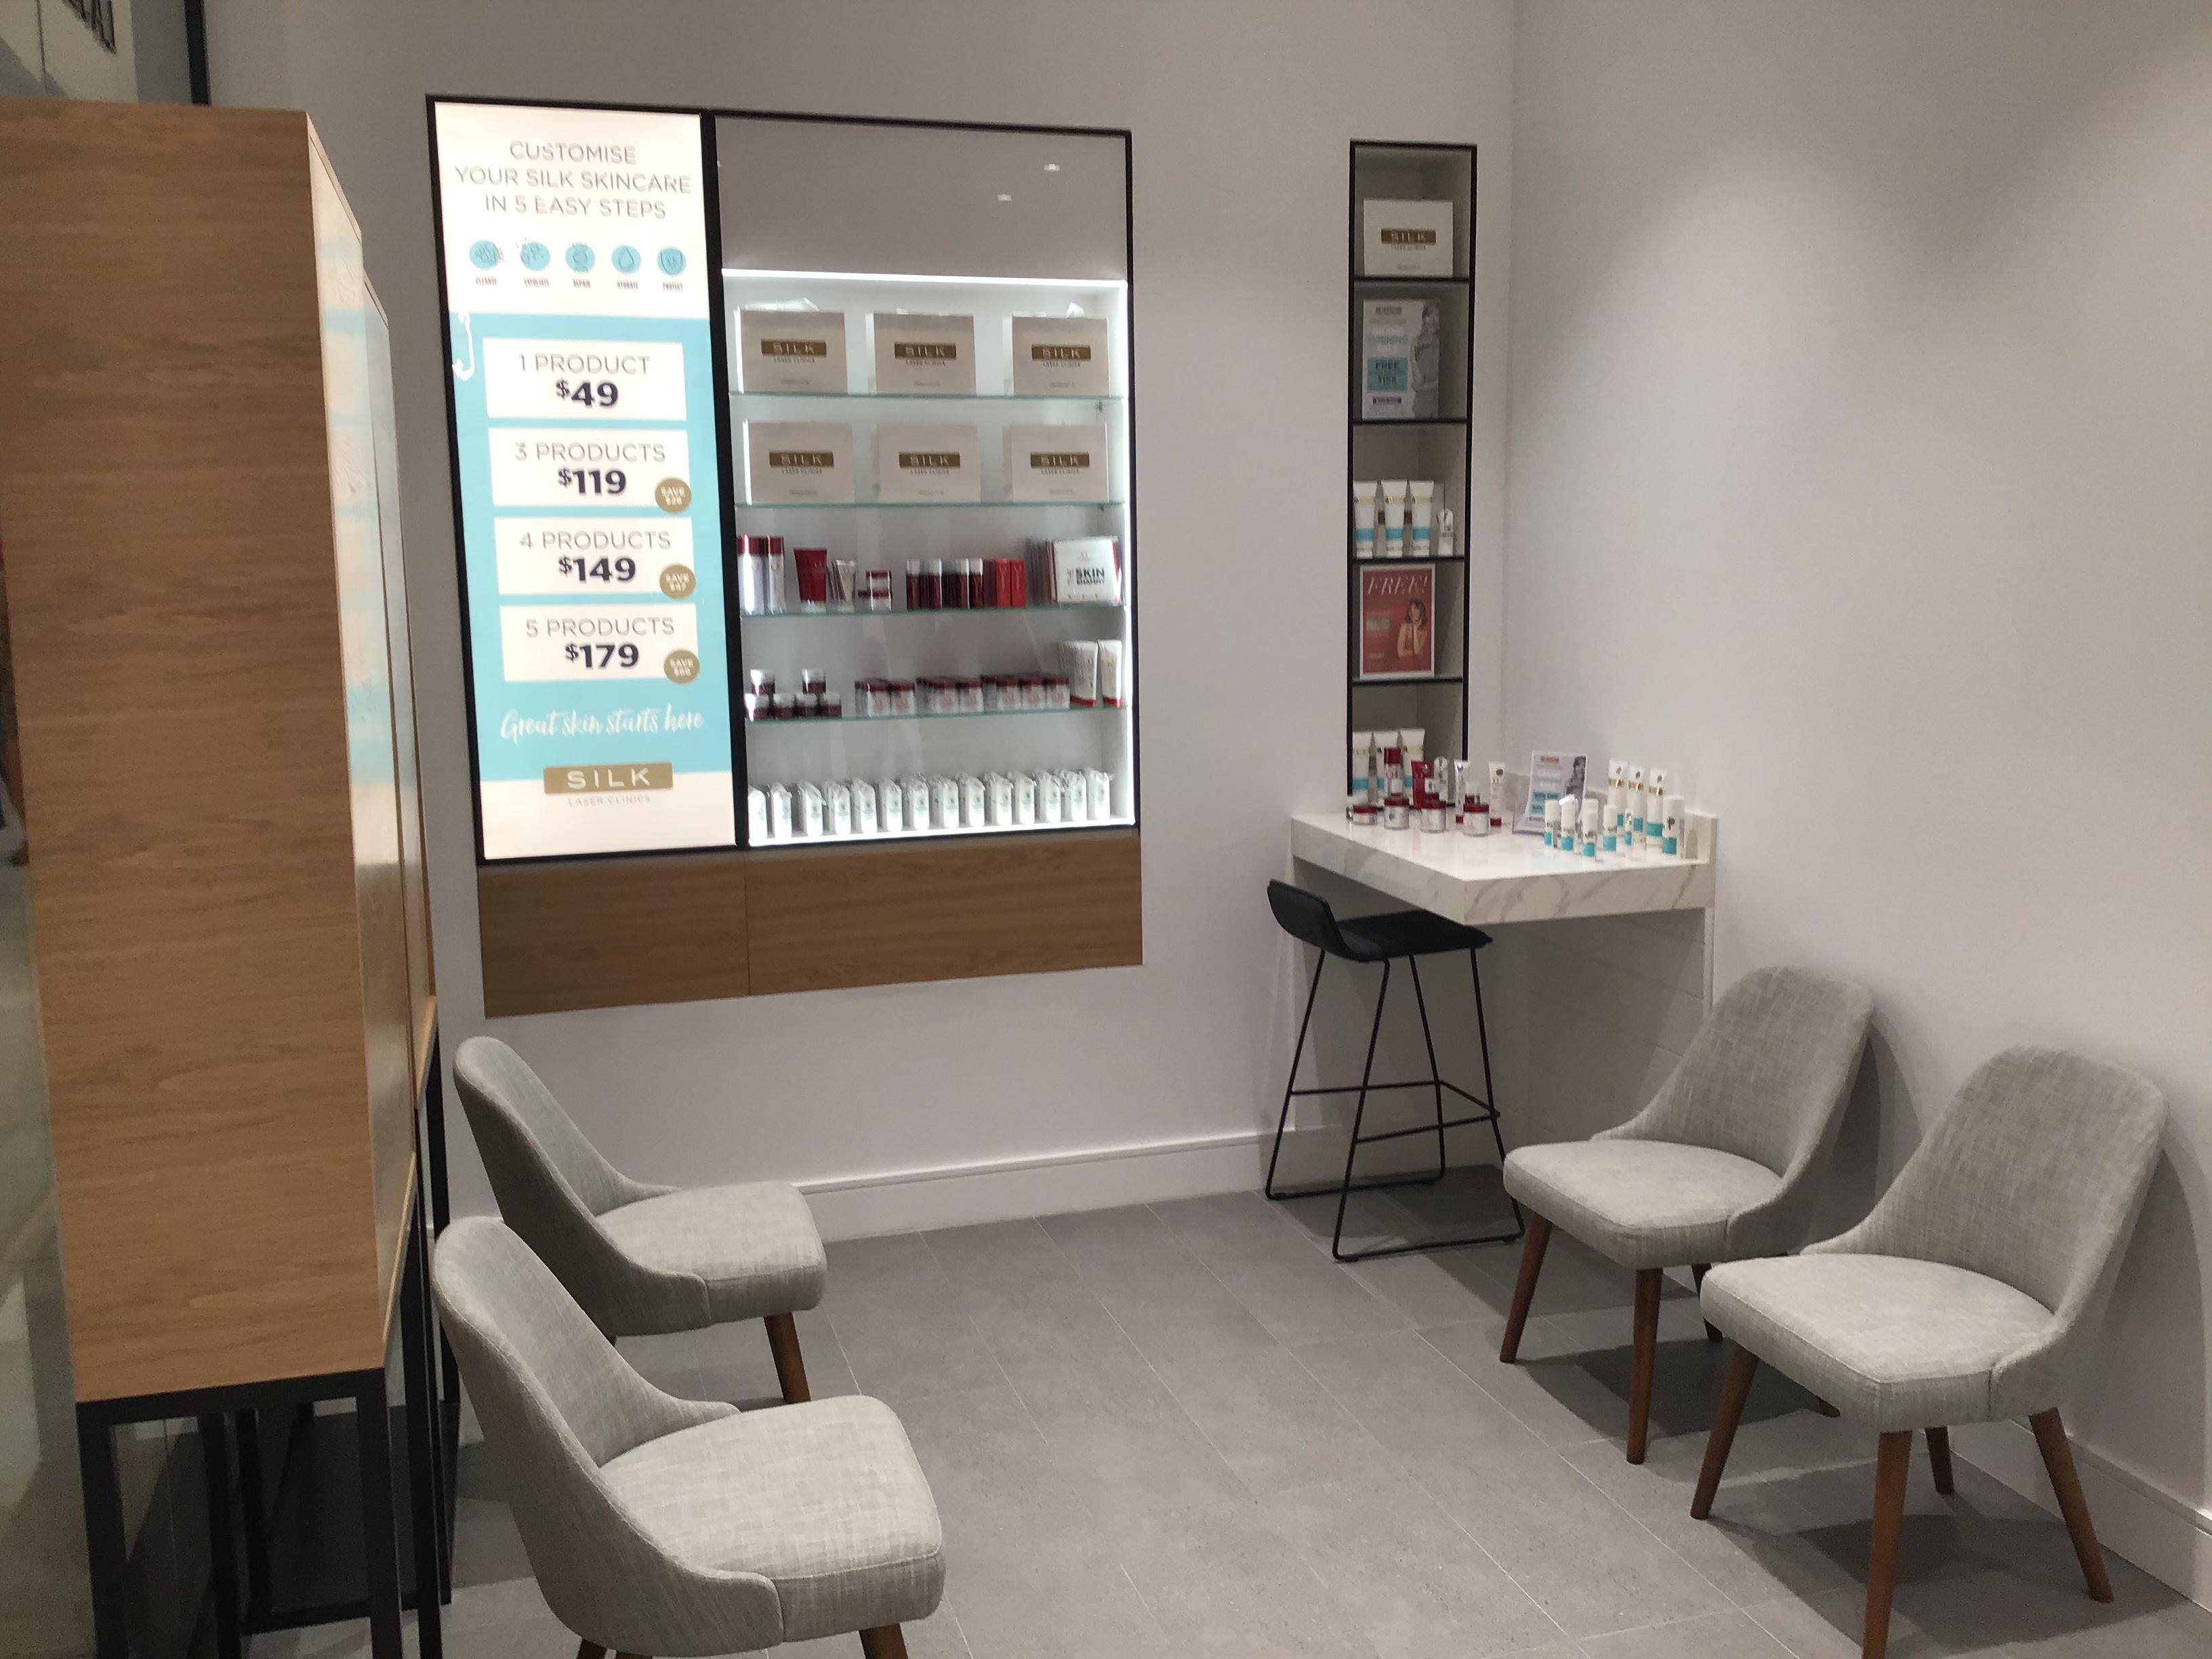 SILK Laser Clinics Maroochydore | Shop L01-660 Sunshine Plaza 154-164 Horton Parade, Maroochydore, Queensland 4558 | +61 7 5412 7917